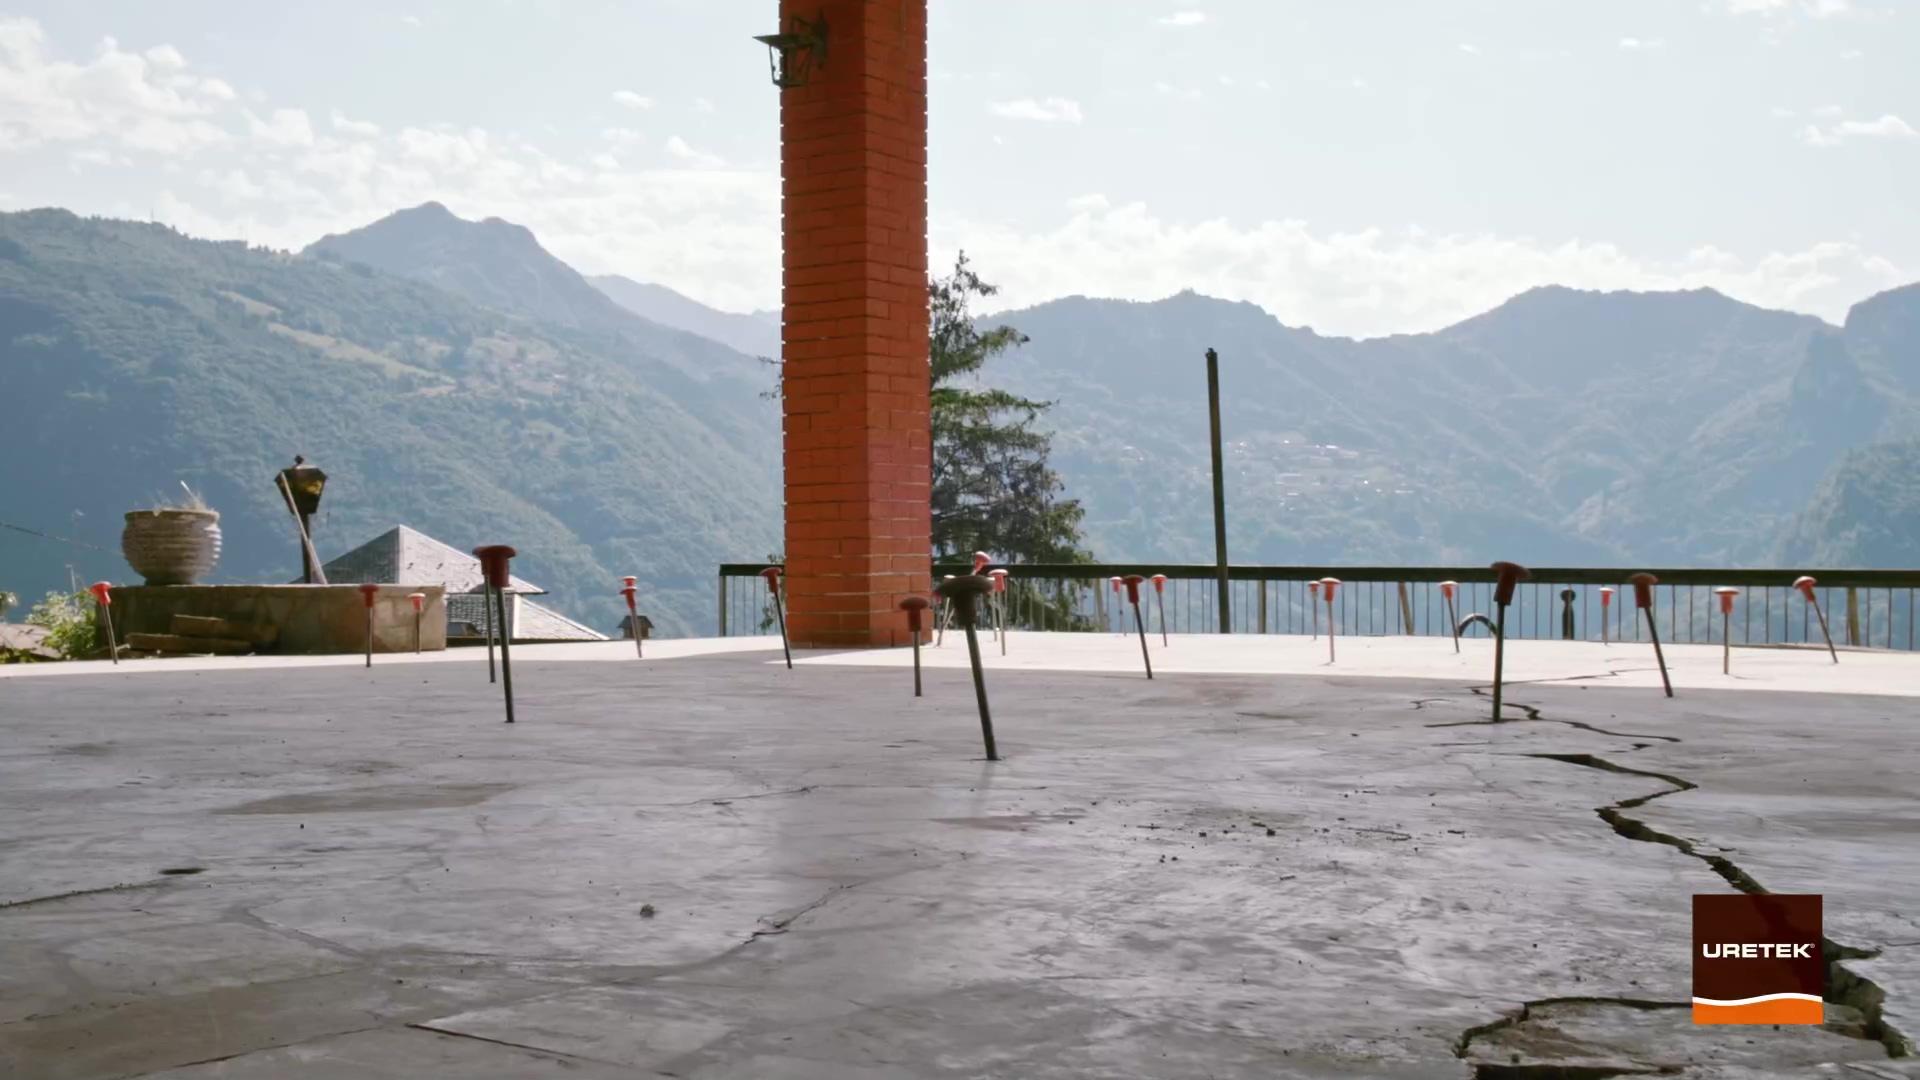 2021_Uretek_Floor lifting San Pellegrino Terme_LQ